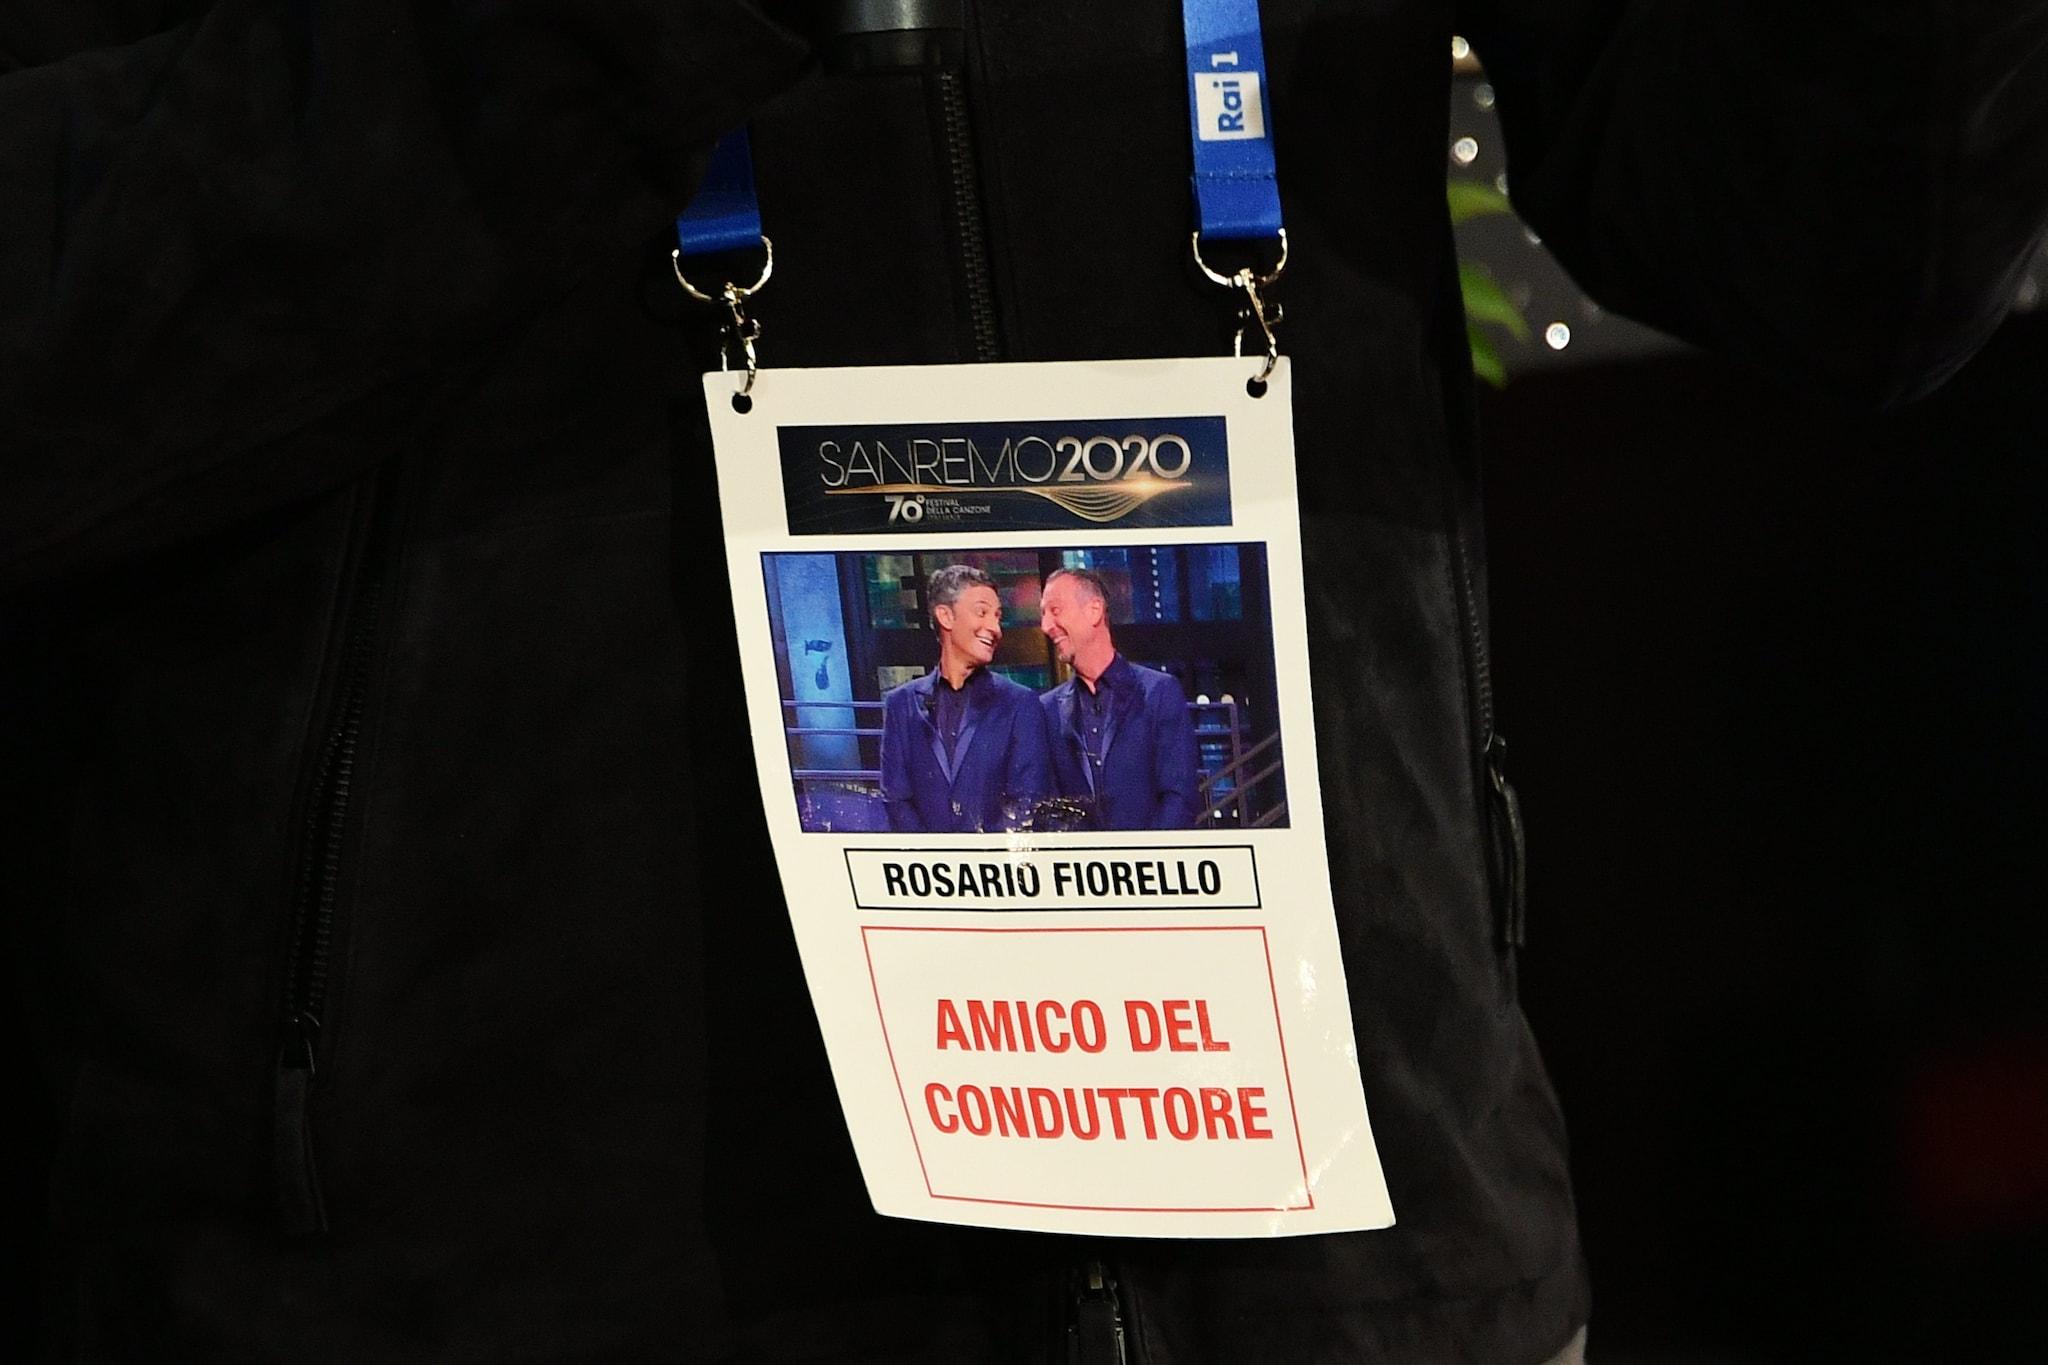 Il pass di Fiorello nell'area stampa gremita di giornalisti